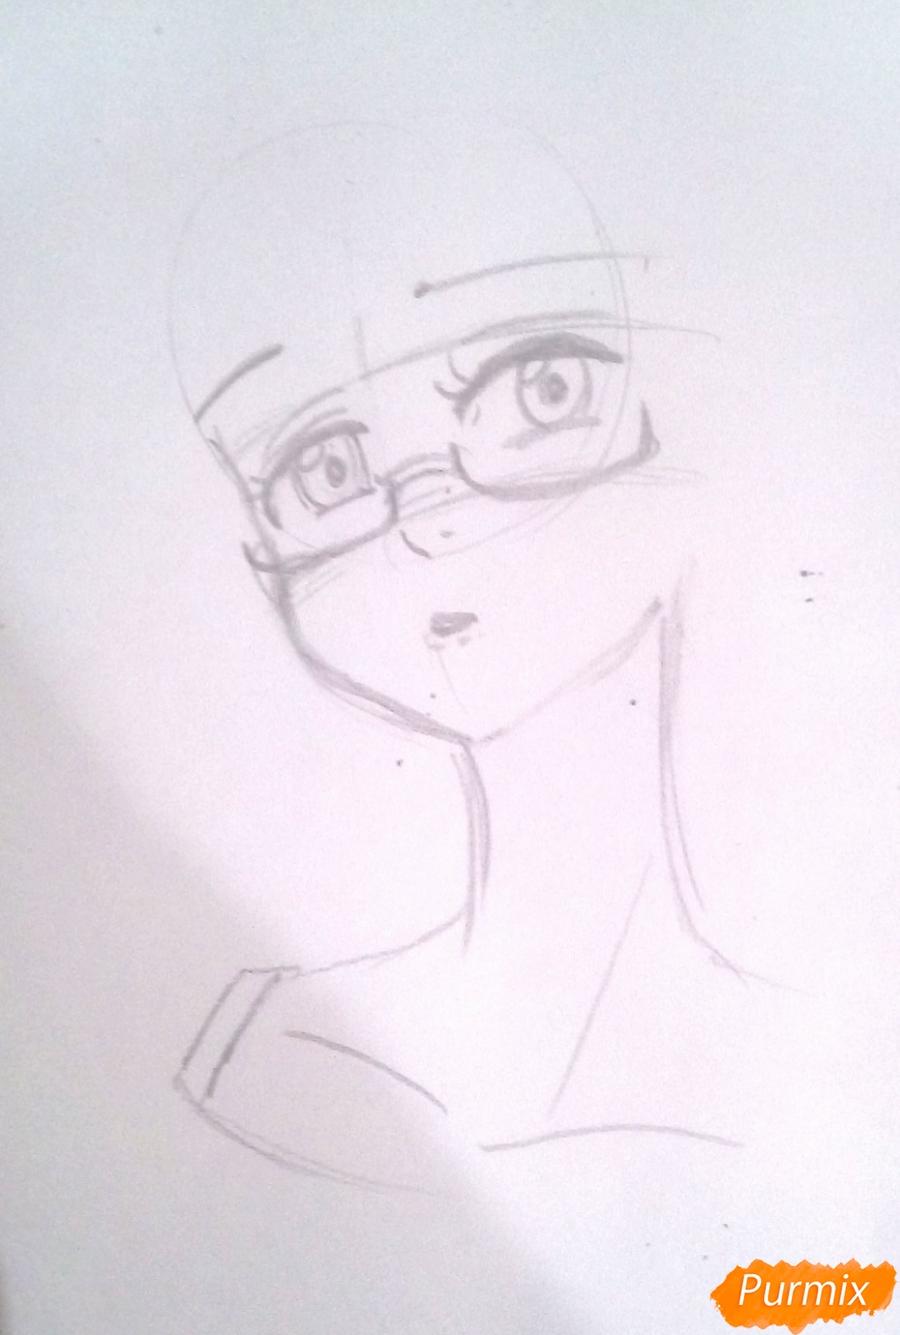 Рисуем Гаутера из аниме Семь Смертных Грехов карандашами - шаг 2